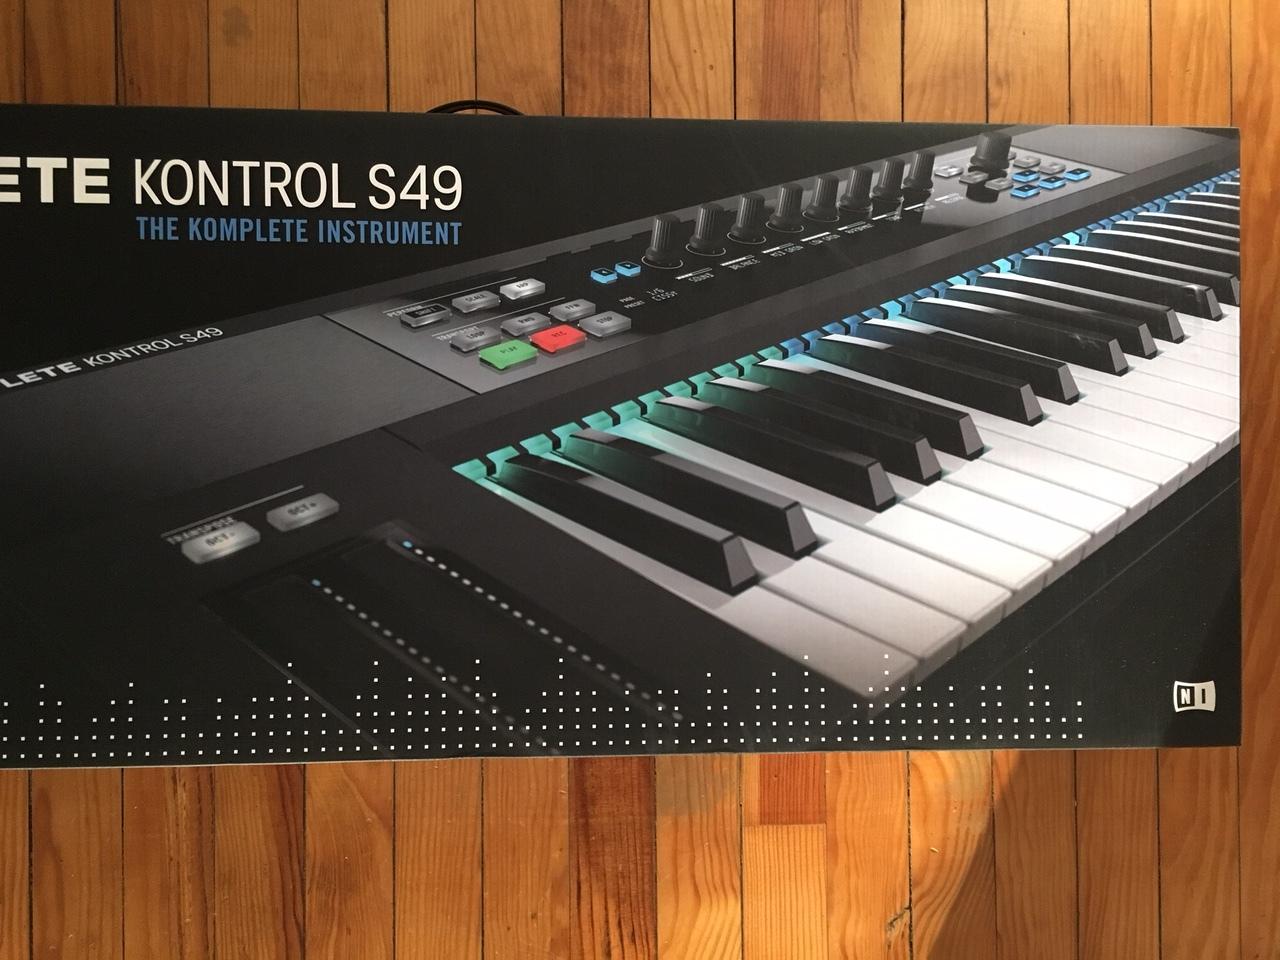 native instruments komplete kontrol s49 image 2059498 audiofanzine. Black Bedroom Furniture Sets. Home Design Ideas